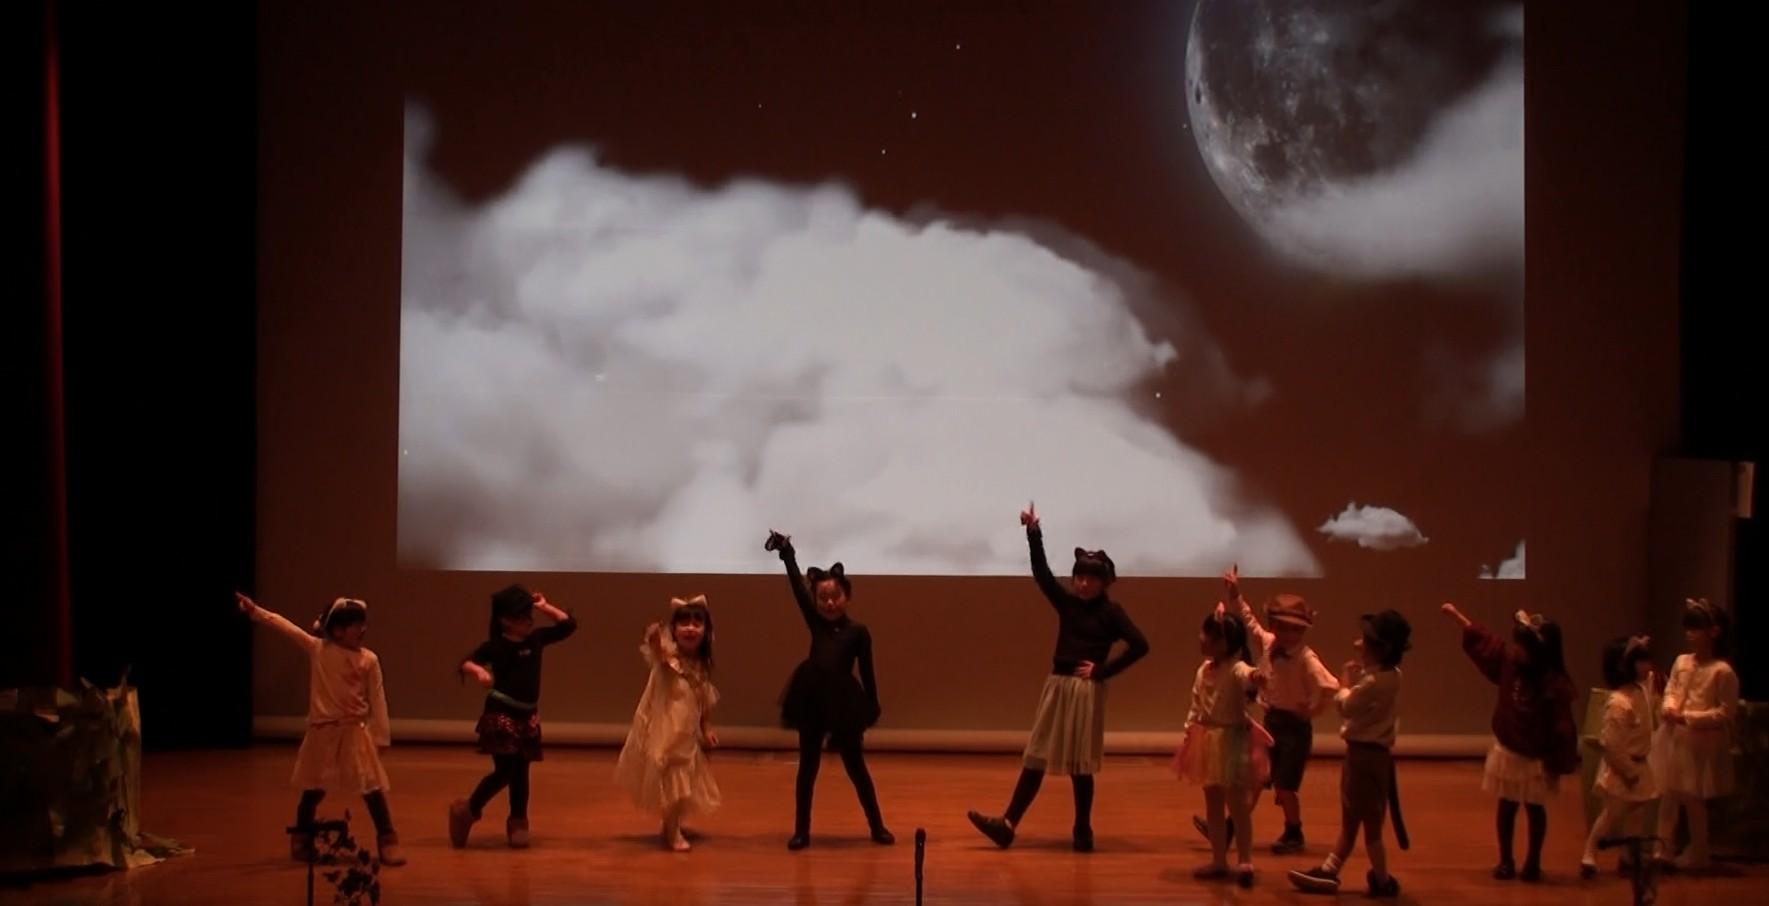 第二部は、ショート劇 & かぐや姫に捧げる踊りを披露します!